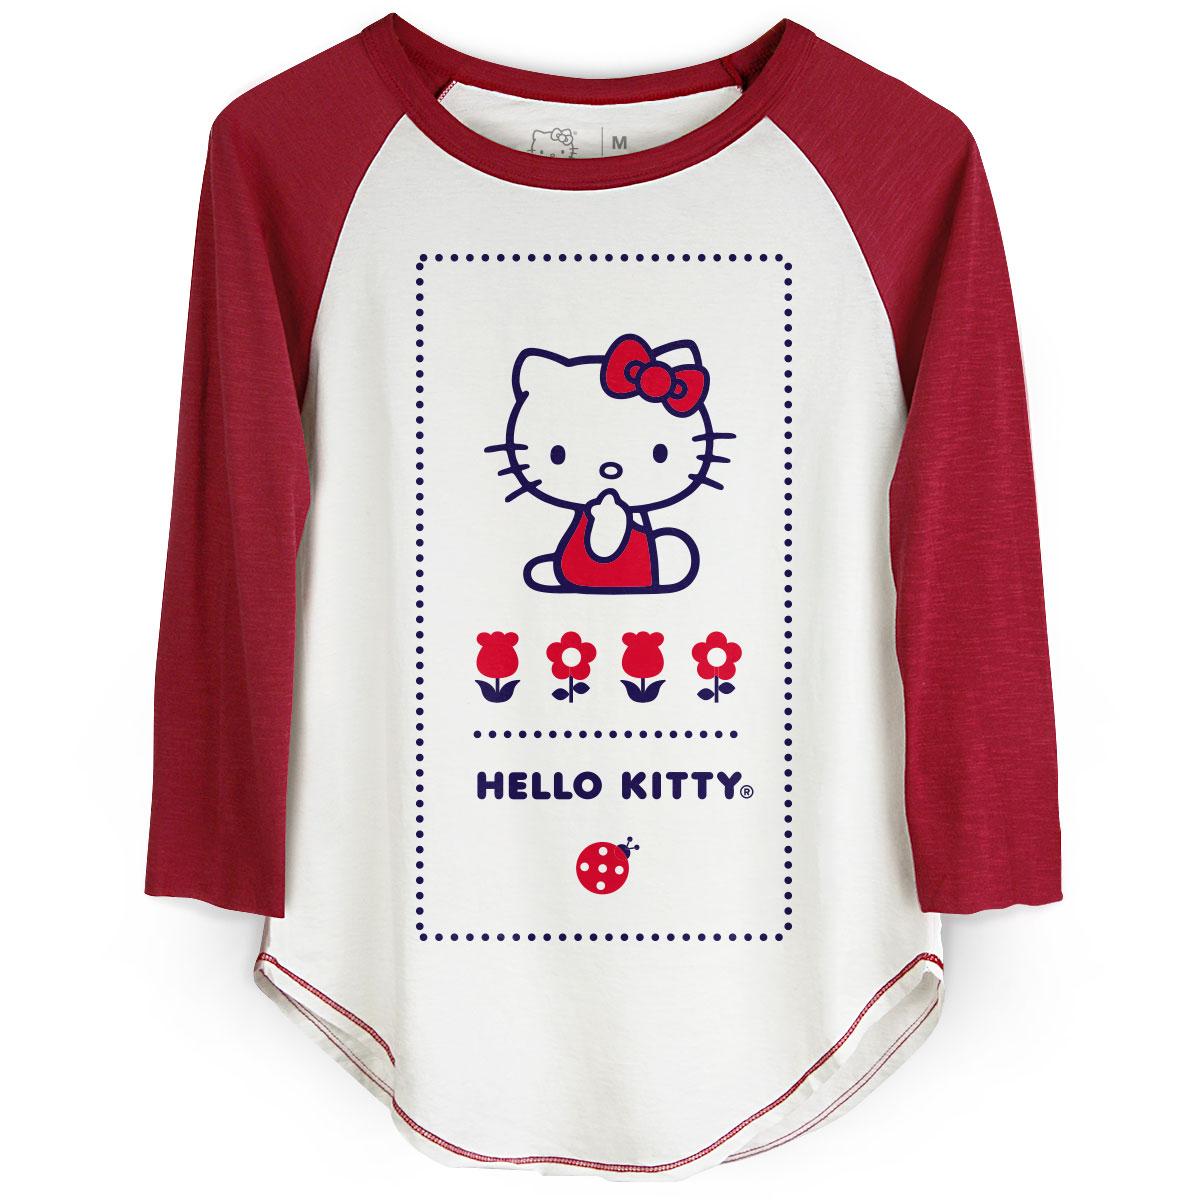 Camiseta Manga Longa Feminina Hello Kitty Ladybug